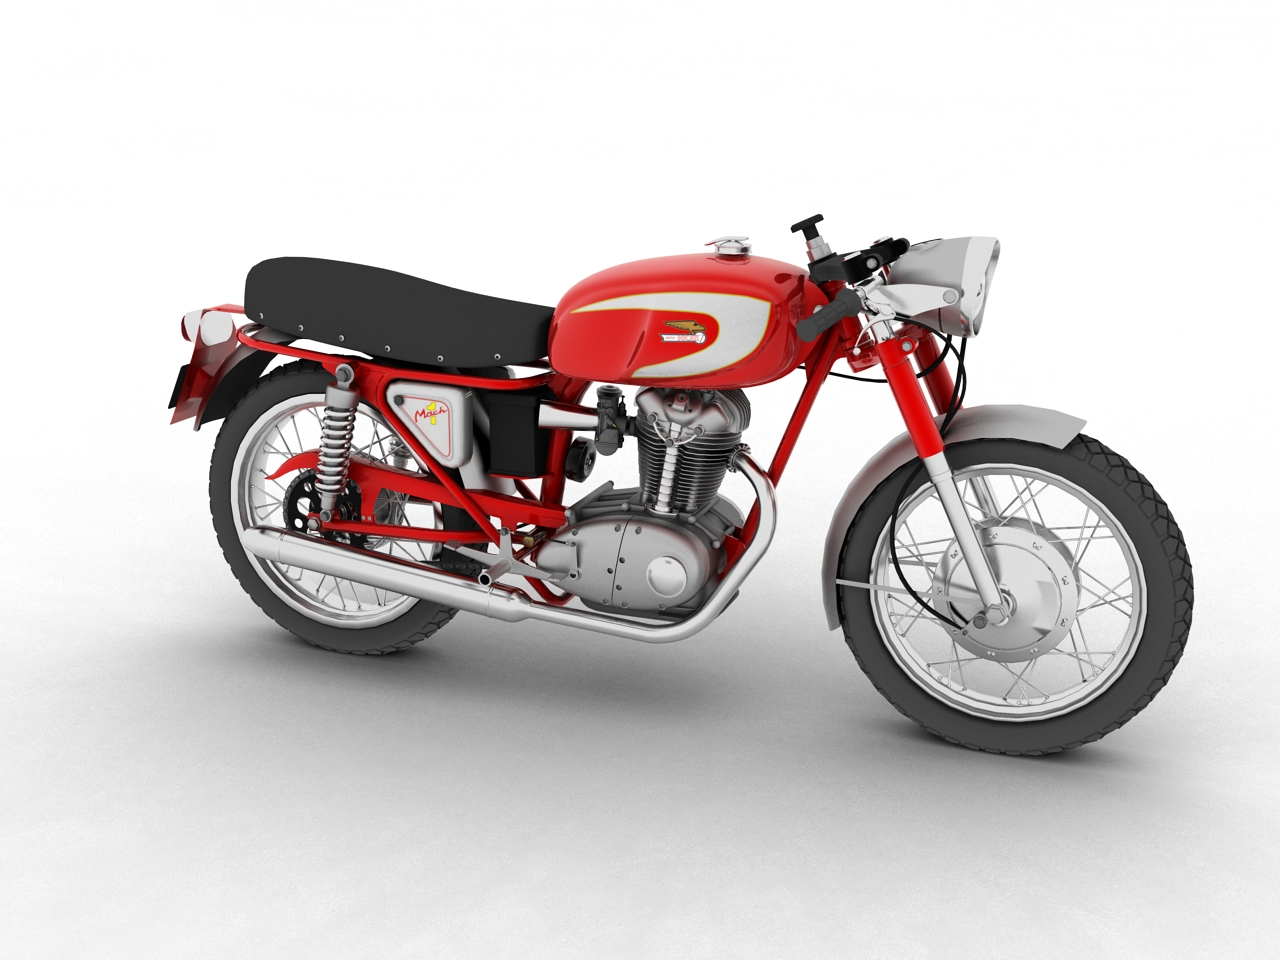 ducati 250 mach 1 1964 3d modelis 3ds max fbx c4d obj 154923